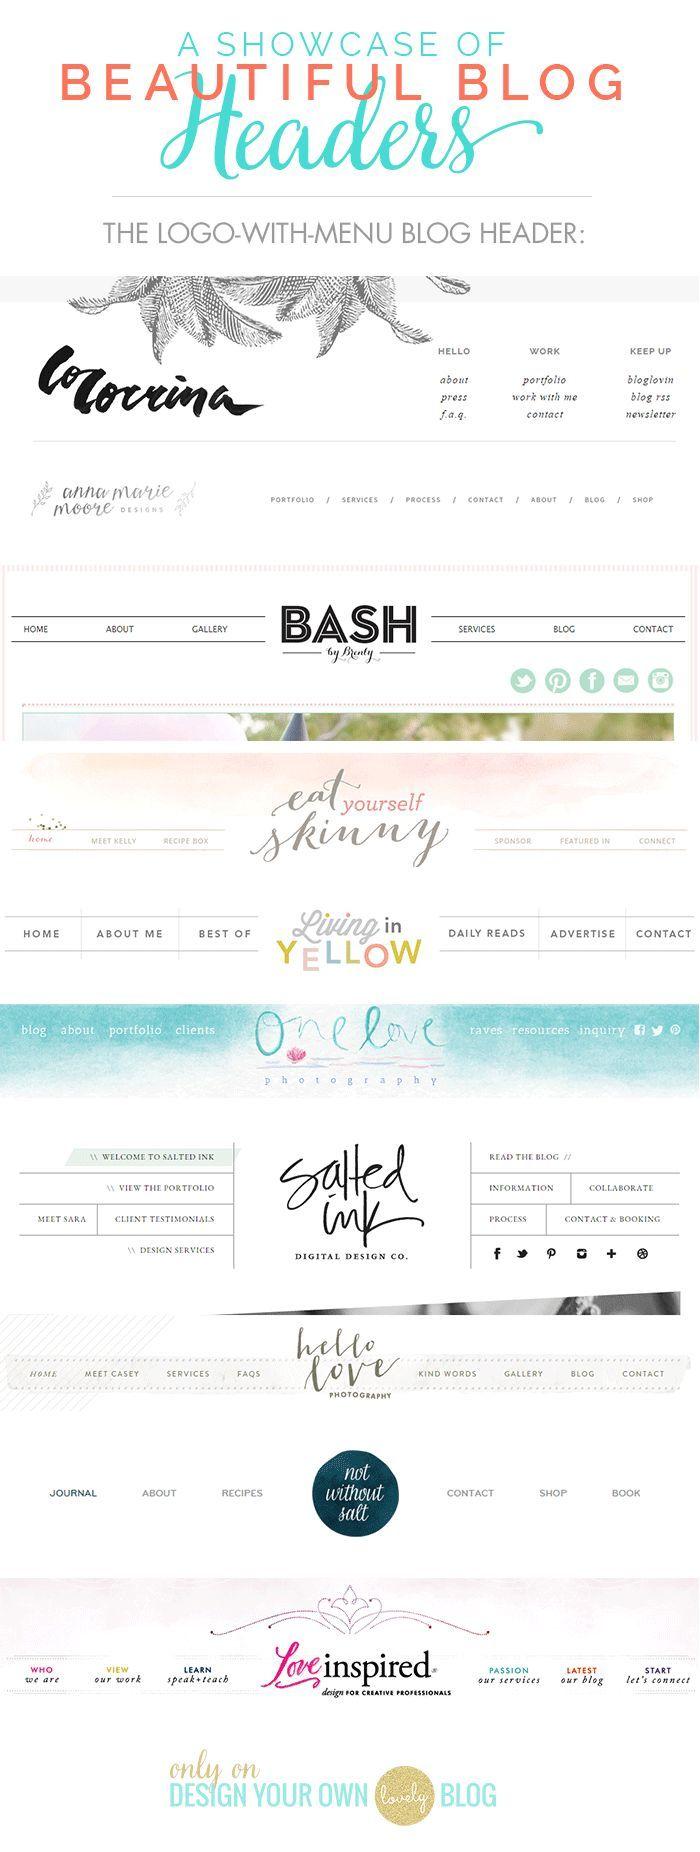 Beautiful blog headers balanced with logos and menu bars. See more blog header inspiration at DesignYourOwnBlog....